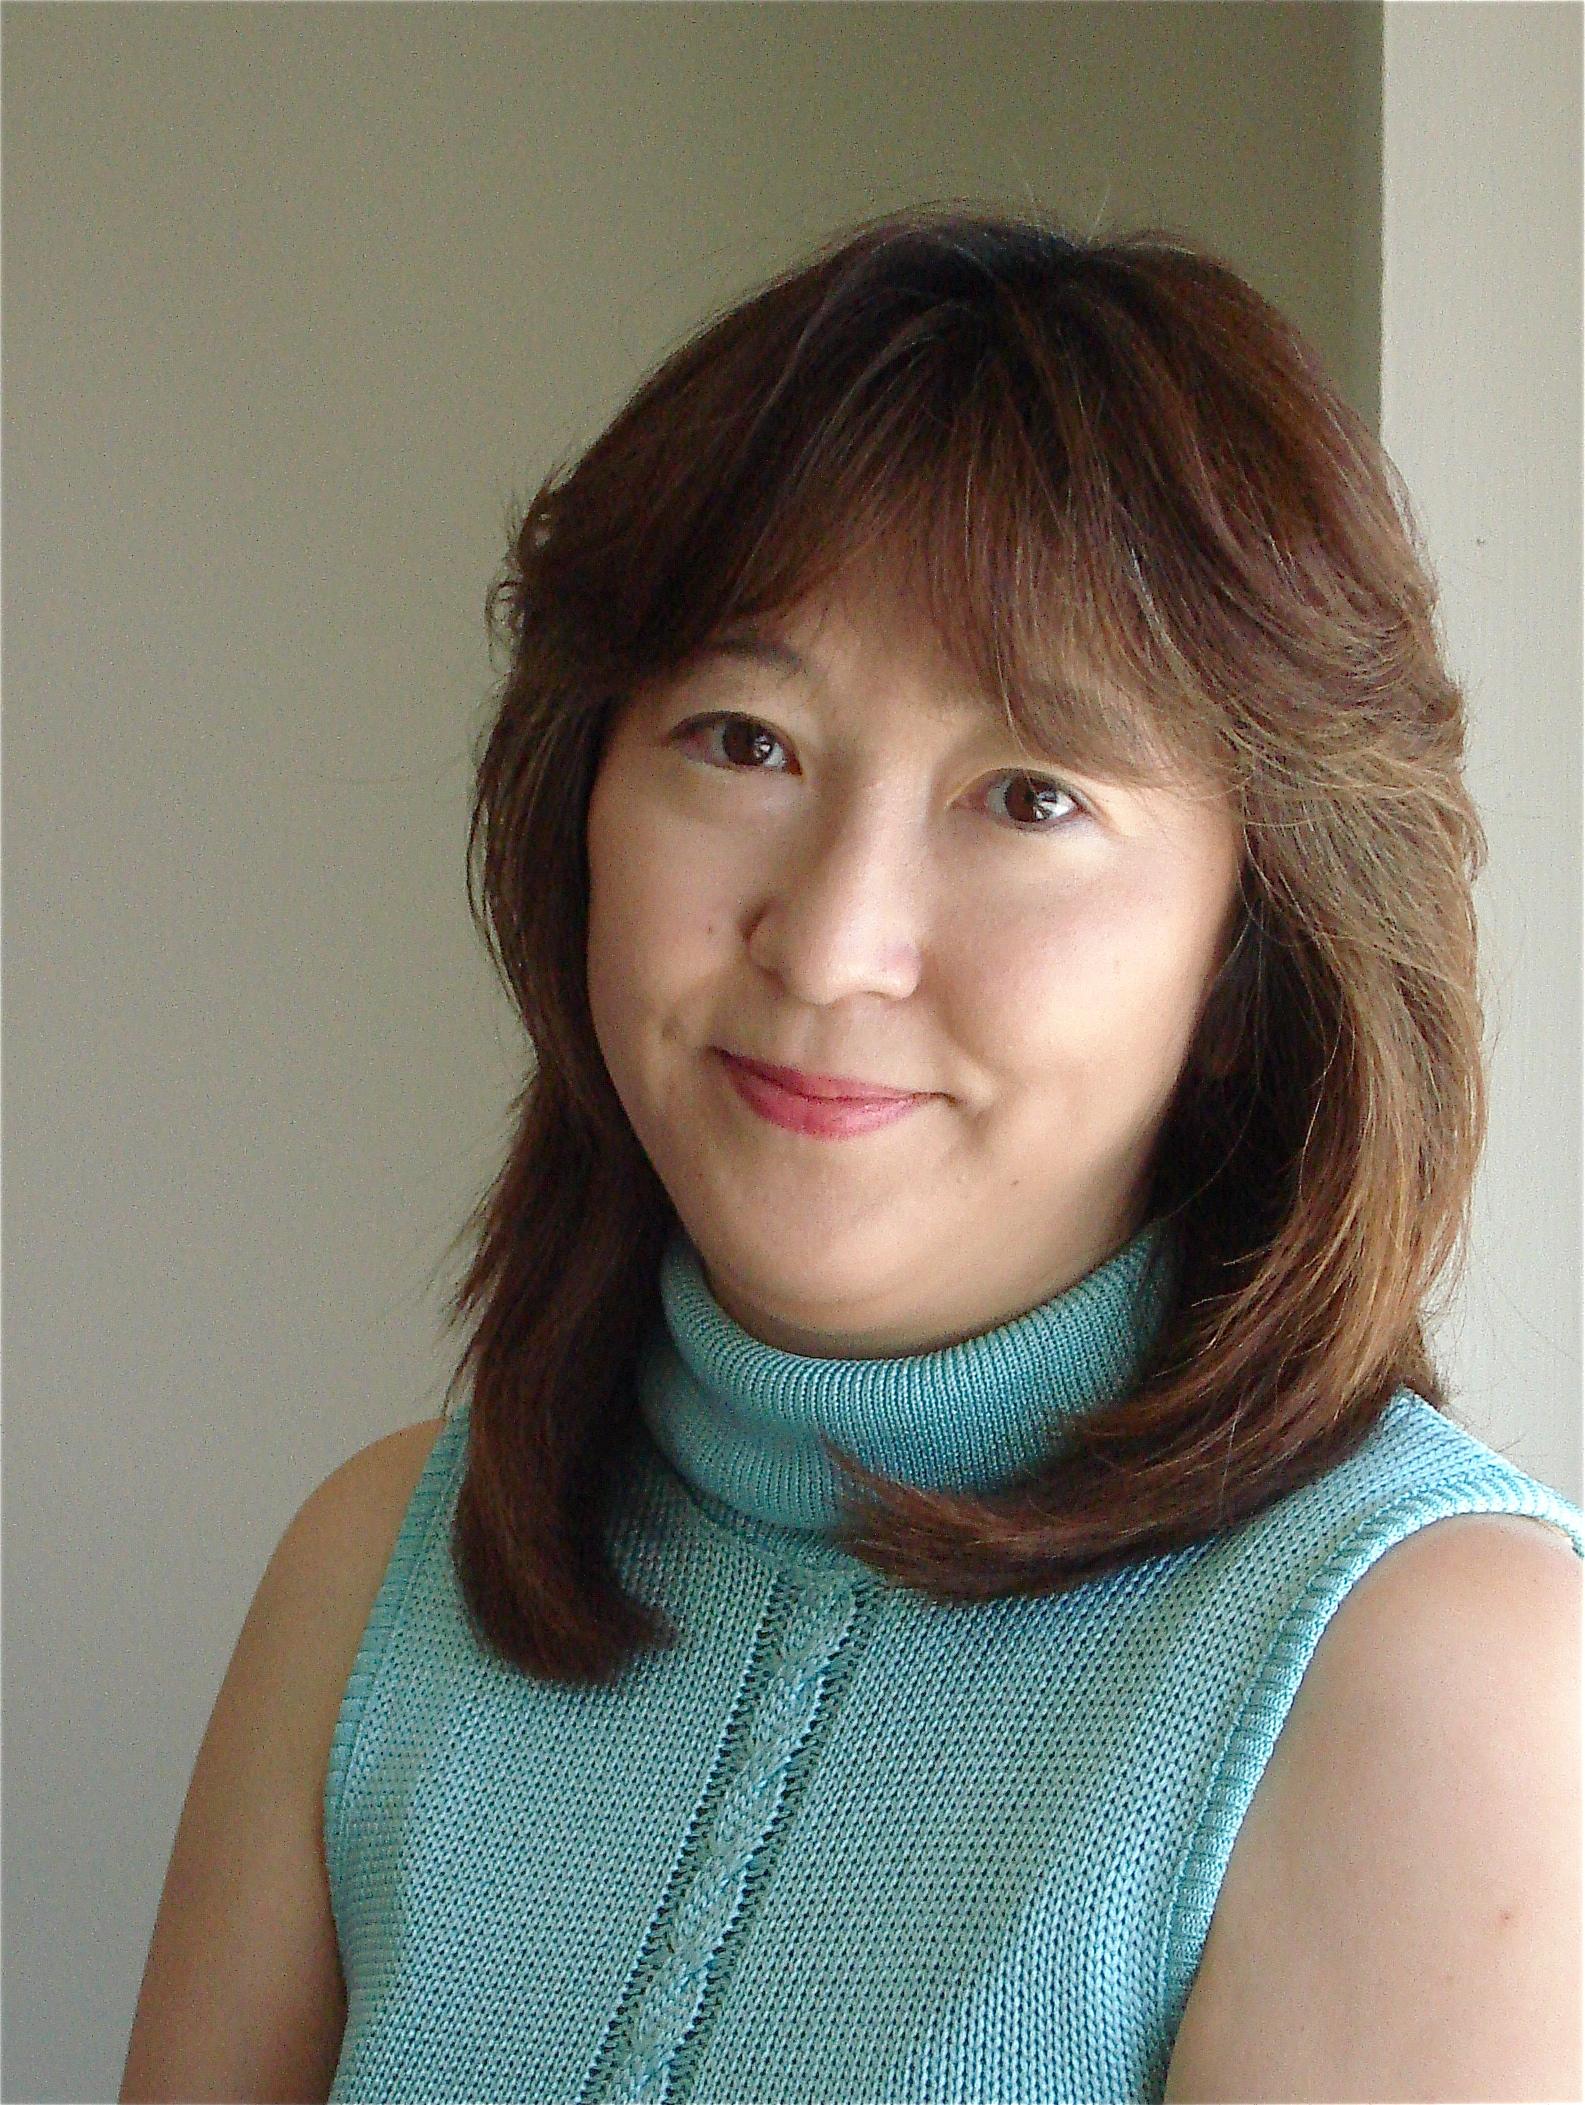 Karen Tanaka, composer